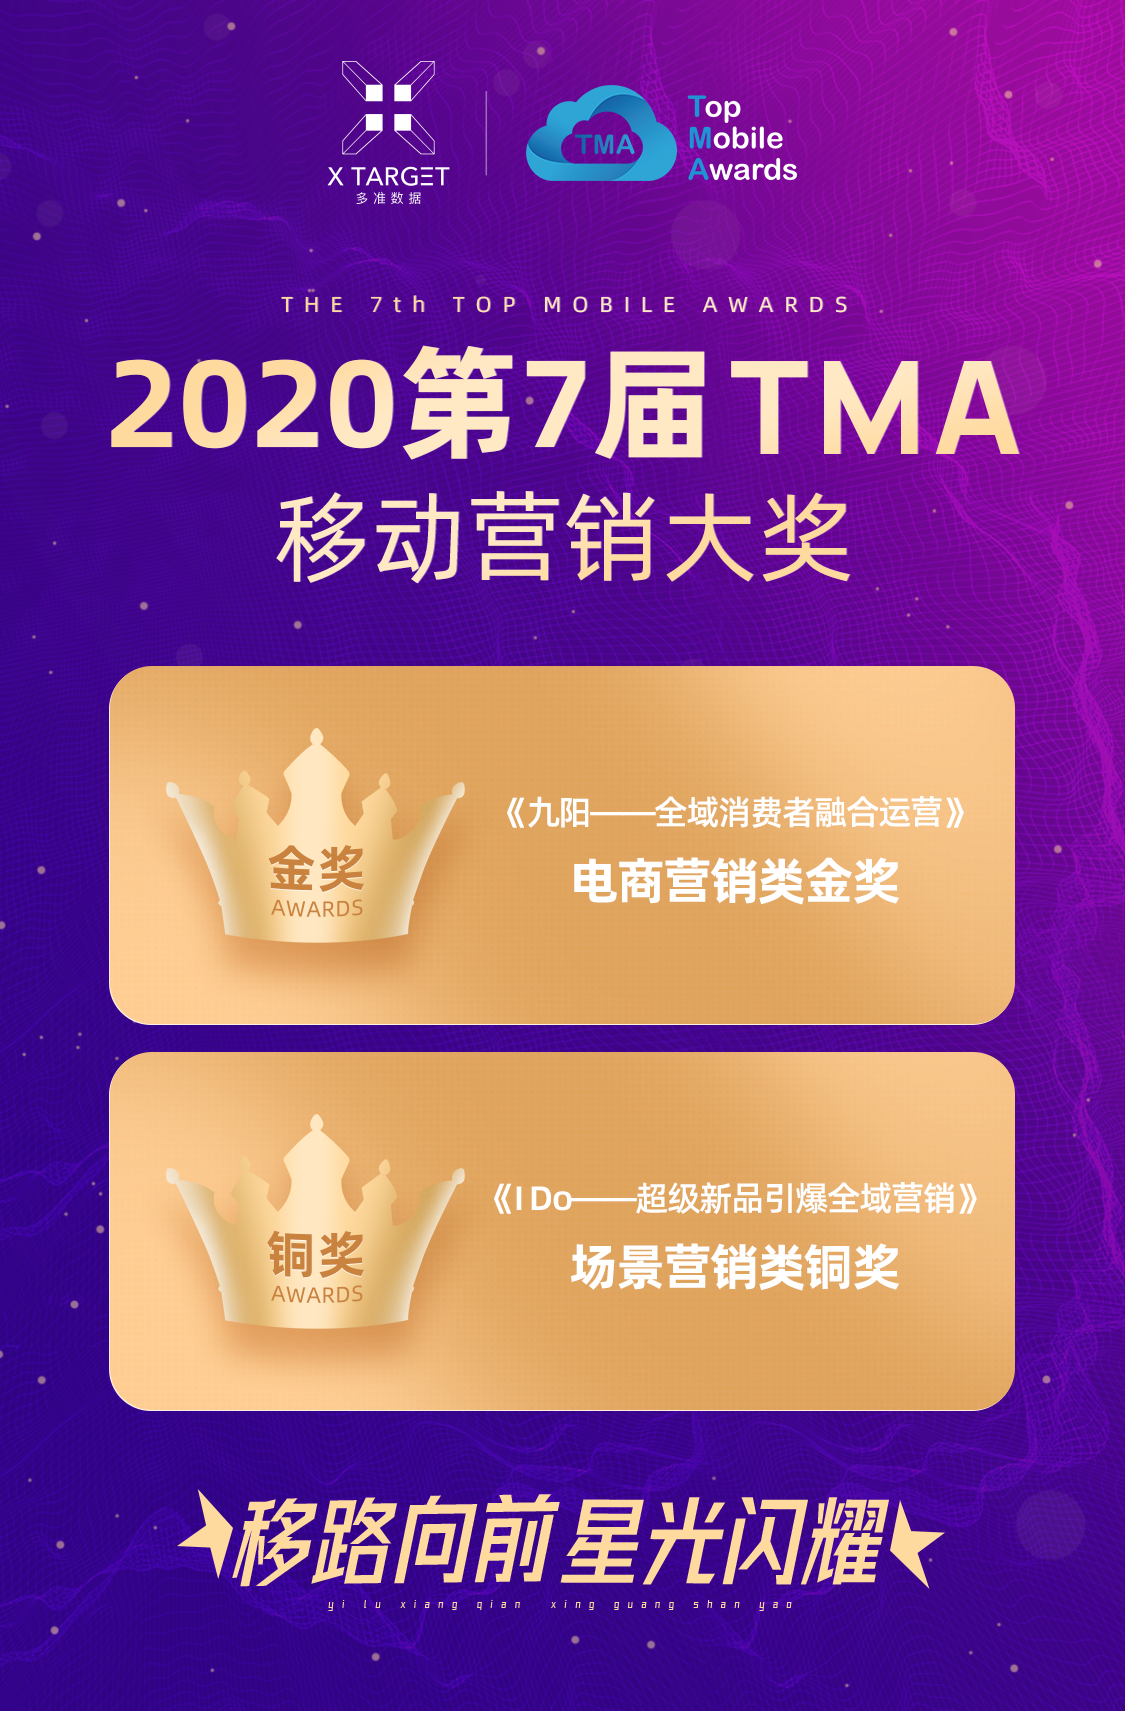 多准数据揽获第7届TMA移动营销双奖,移路向前星光闪耀